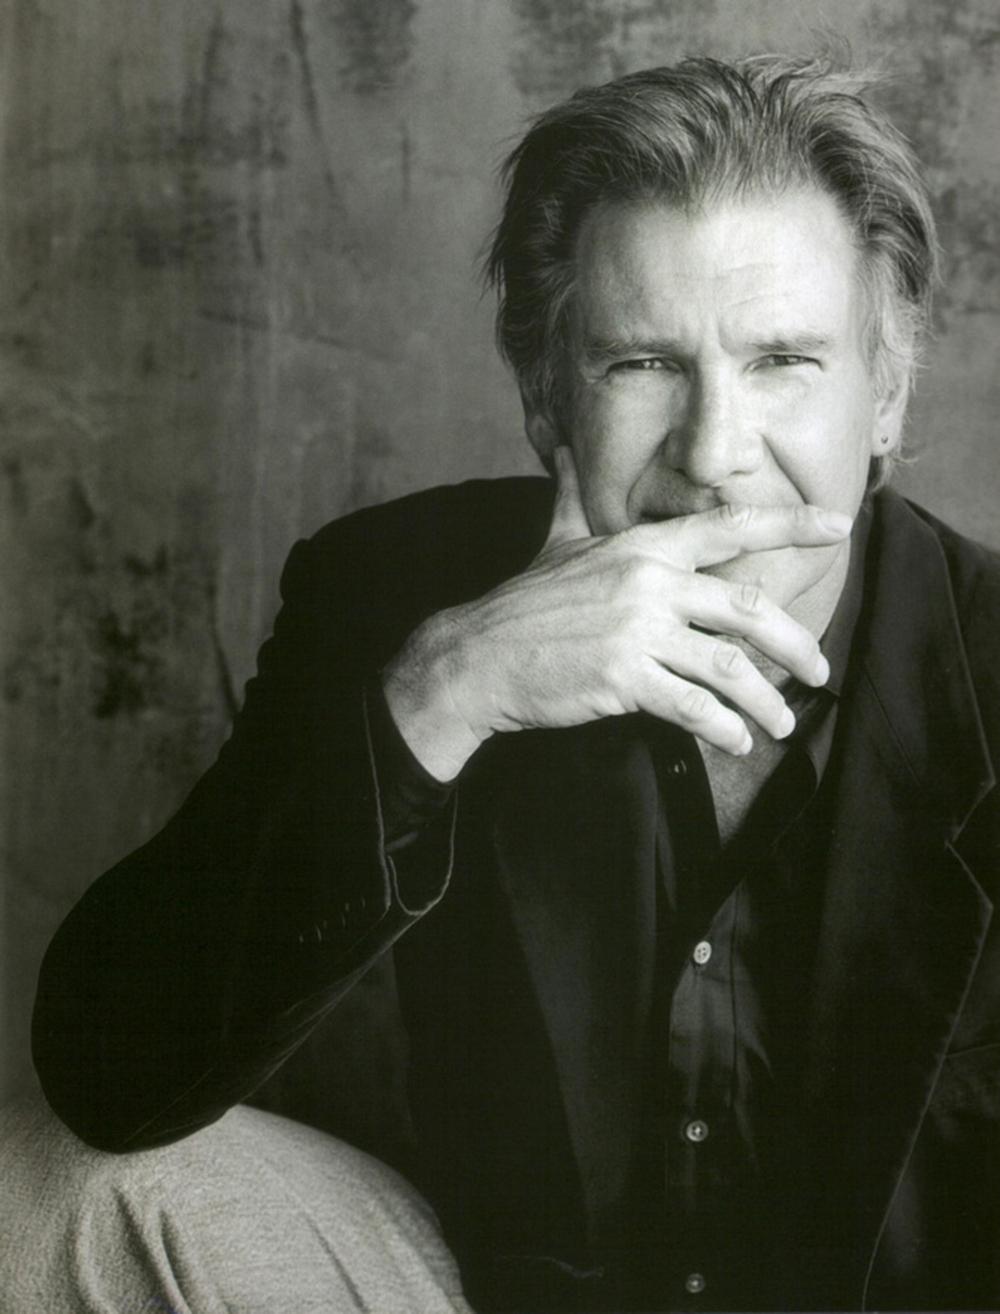 Грег Горман один из лучших в съёмке портретов знаменитостей и непревзойдённый мастер мужского ню 40